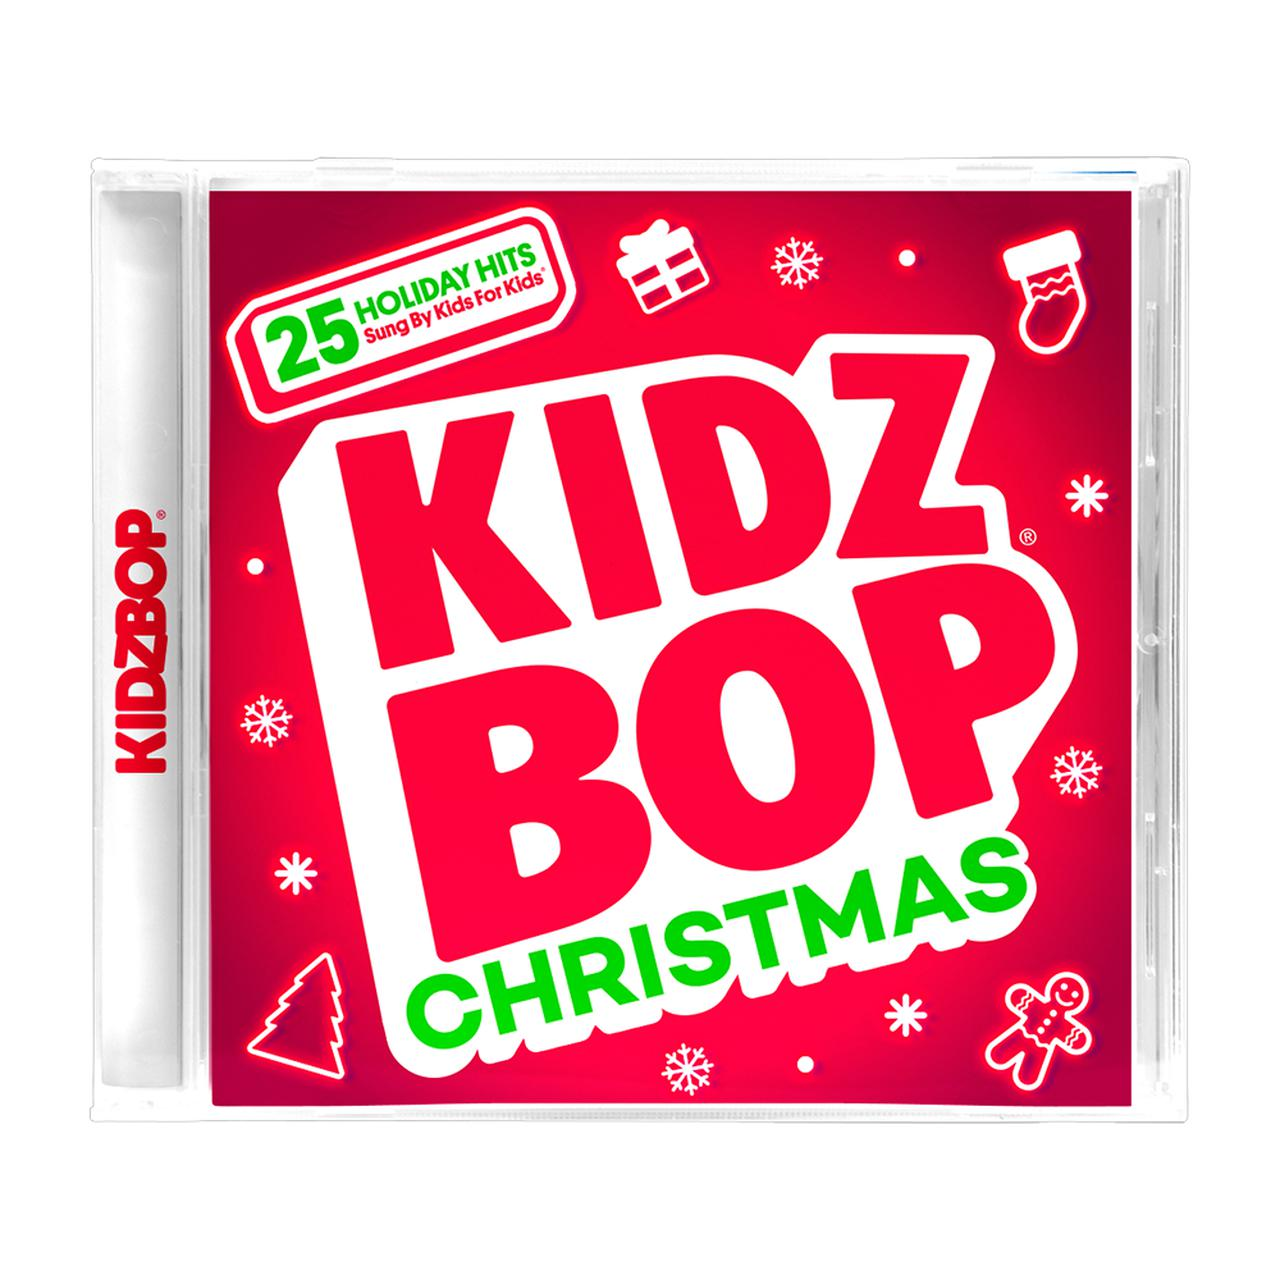 KIDZ BOP Christmas [2018] CD